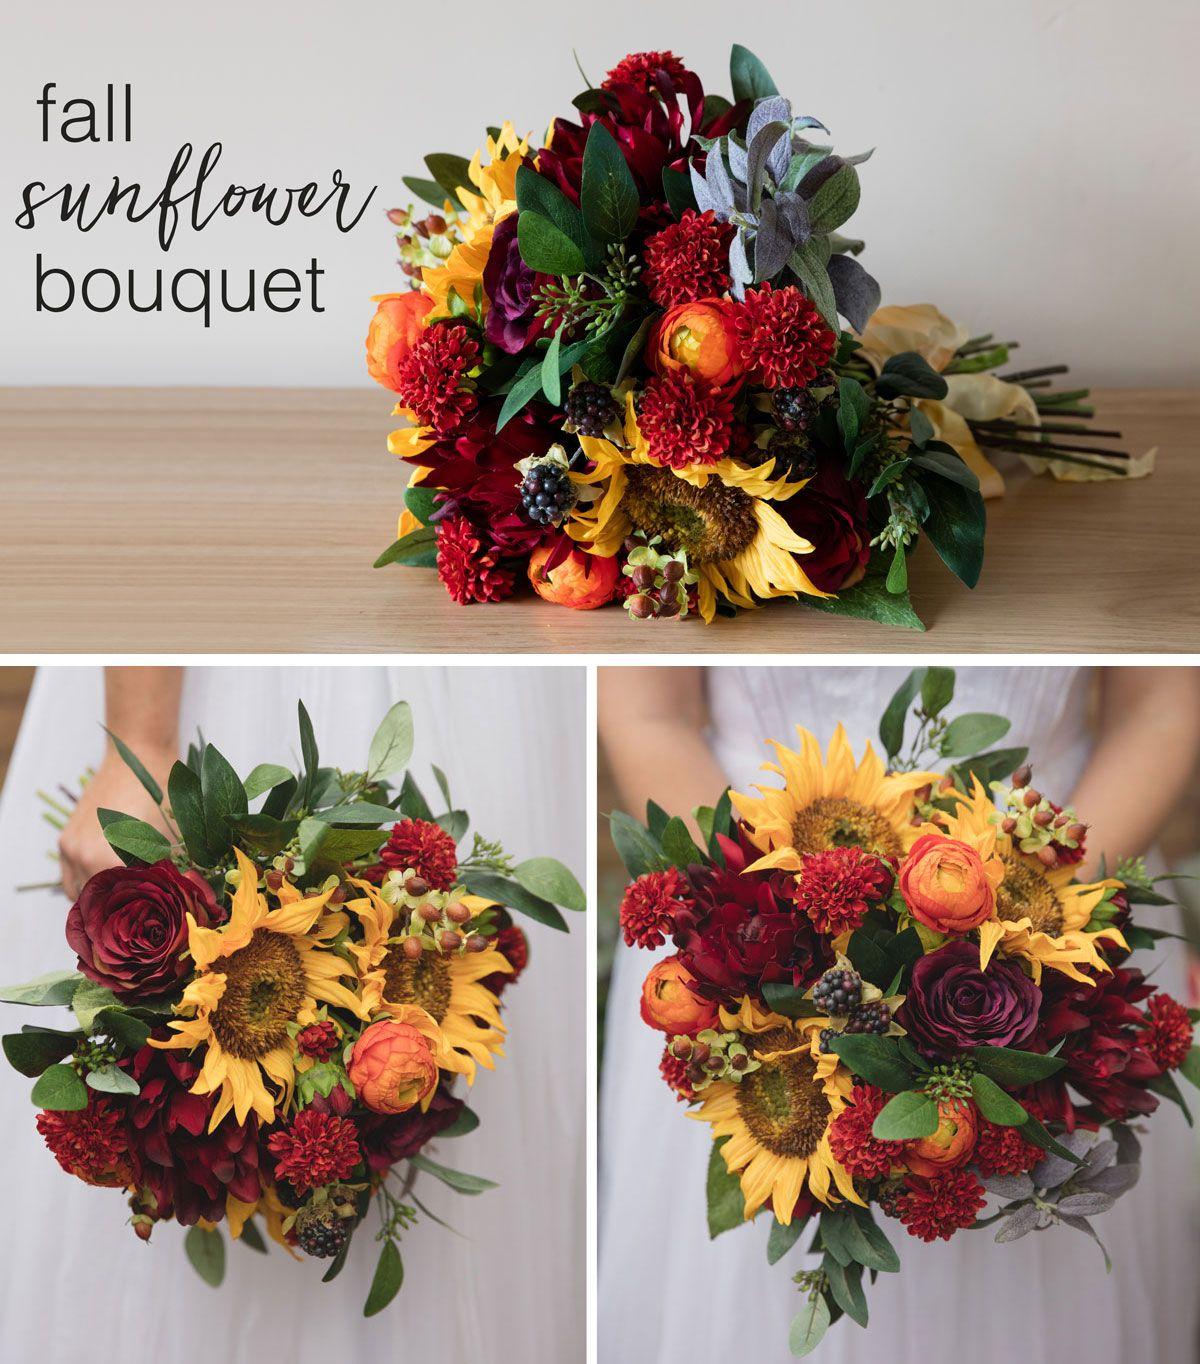 DIY Fall Sunflower Bouquet Sunflower bouquets, Pumpkin